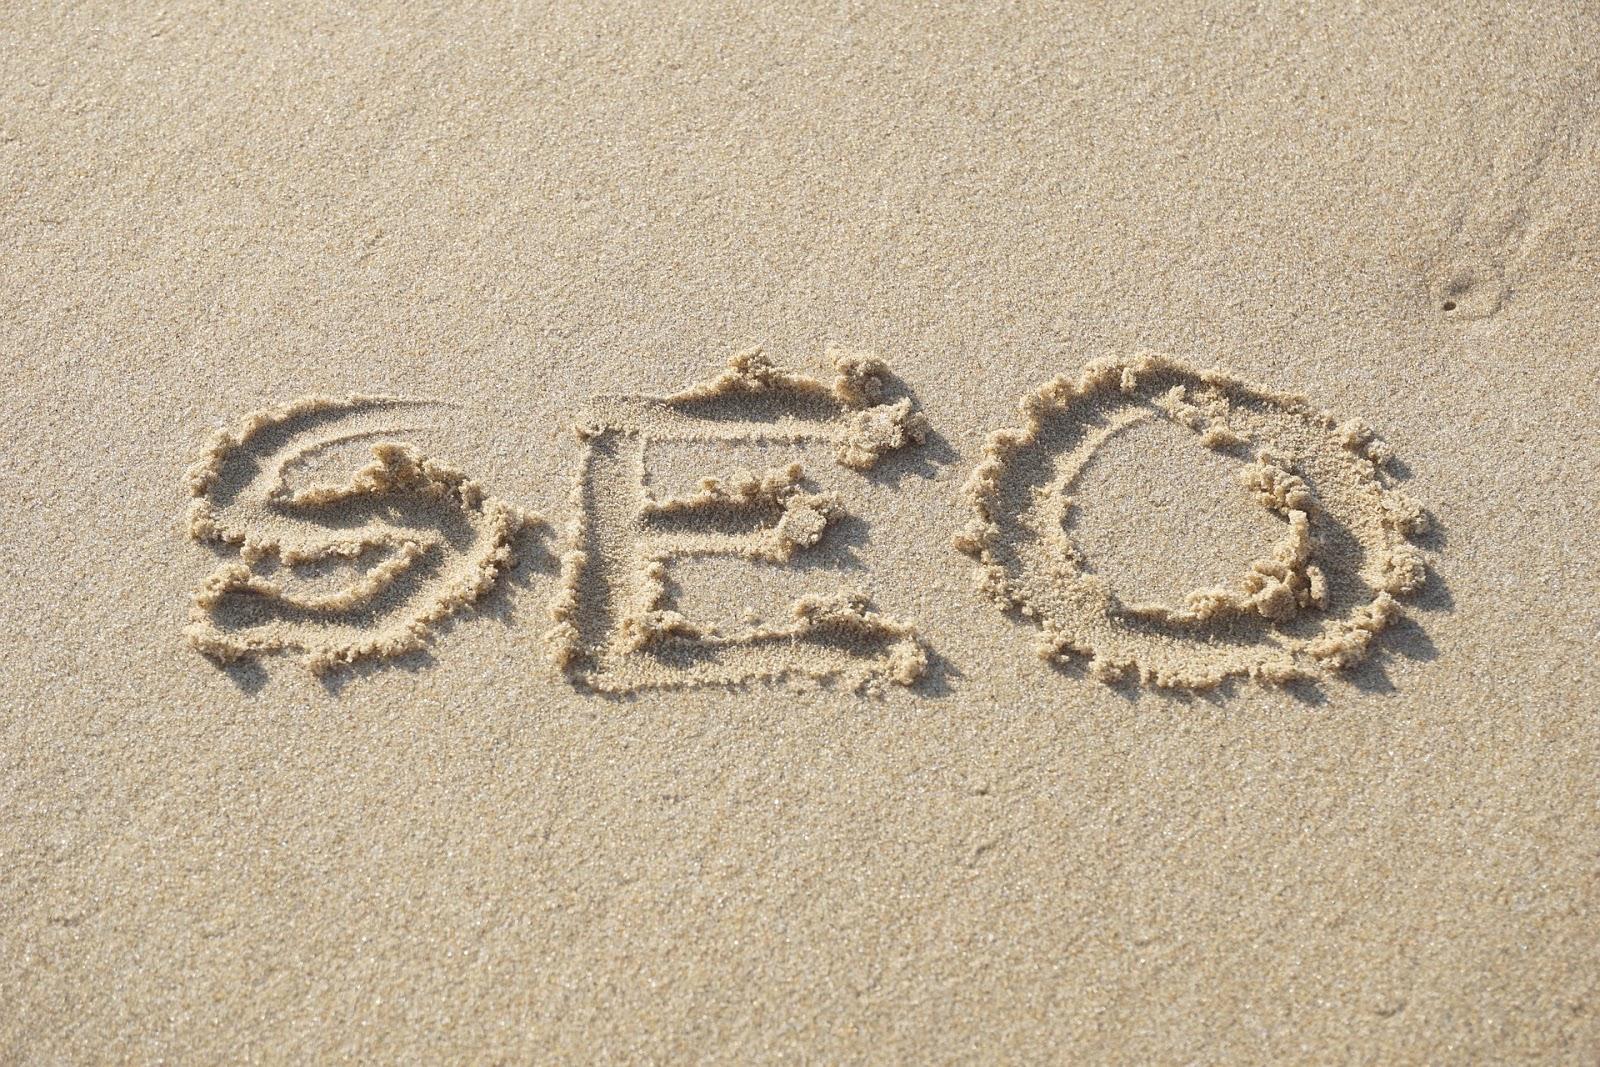 의료산업 디지털 마케팅의 트렌드 - SEO, 검색 엔진 최적화